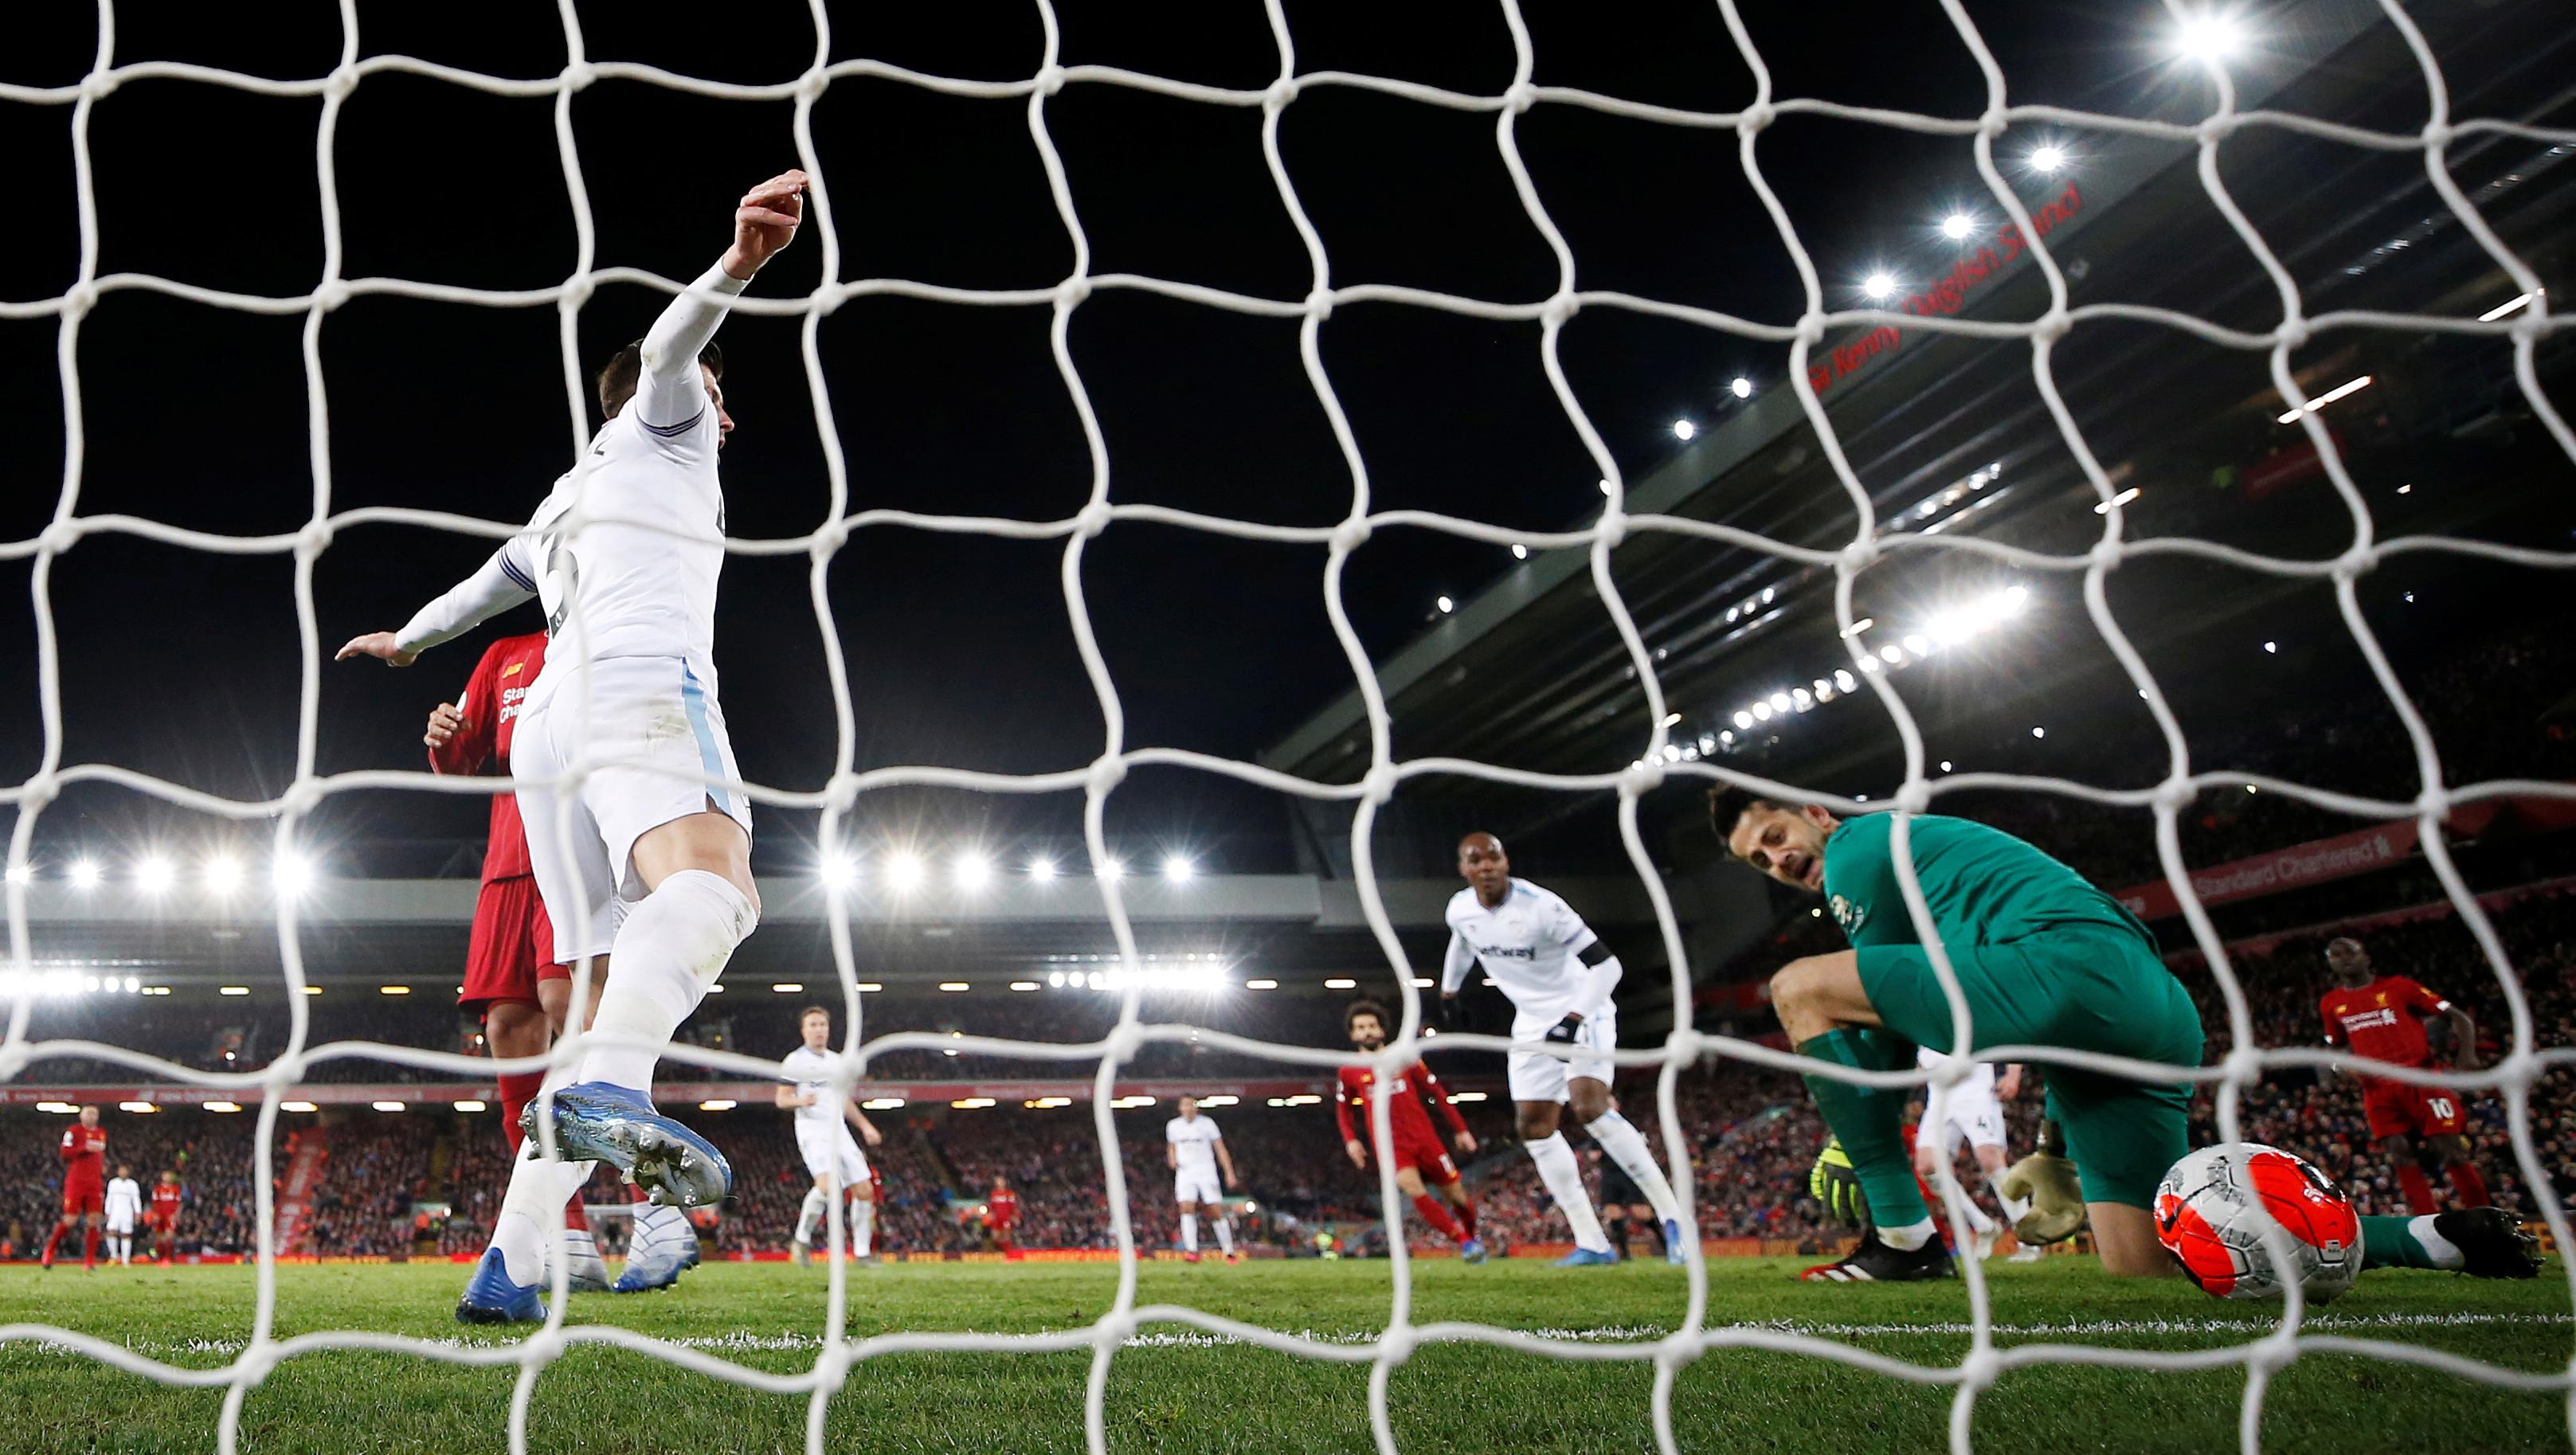 Gomez cũng đã có thể là cầu thủ thứ 17 ghi bàn, nếu cú sút xa của anh không bị Mane ăn hôi